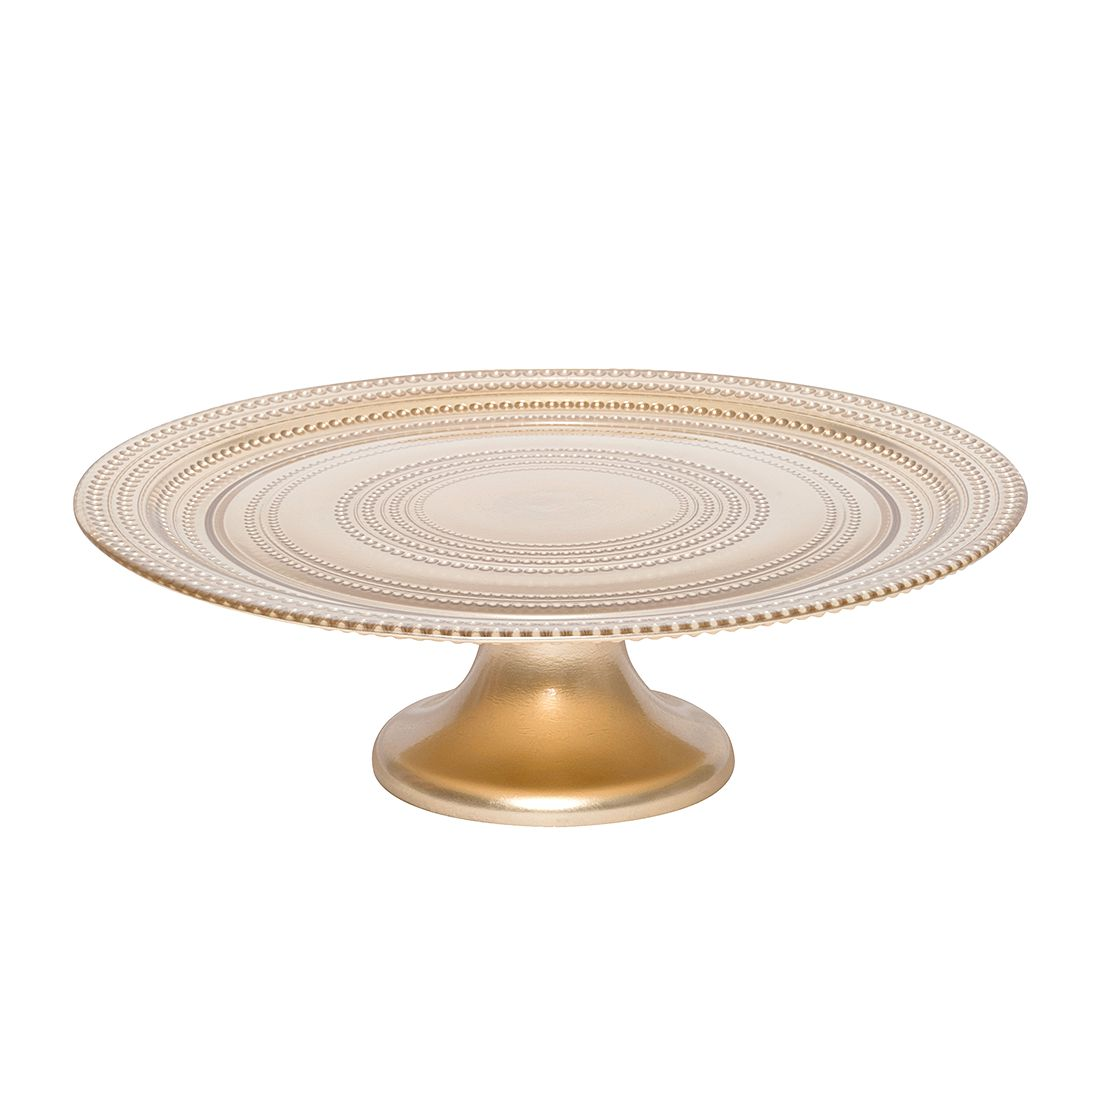 Tortenplatte Pois III – Glas – Gold, BITOSSI HOME jetzt bestellen